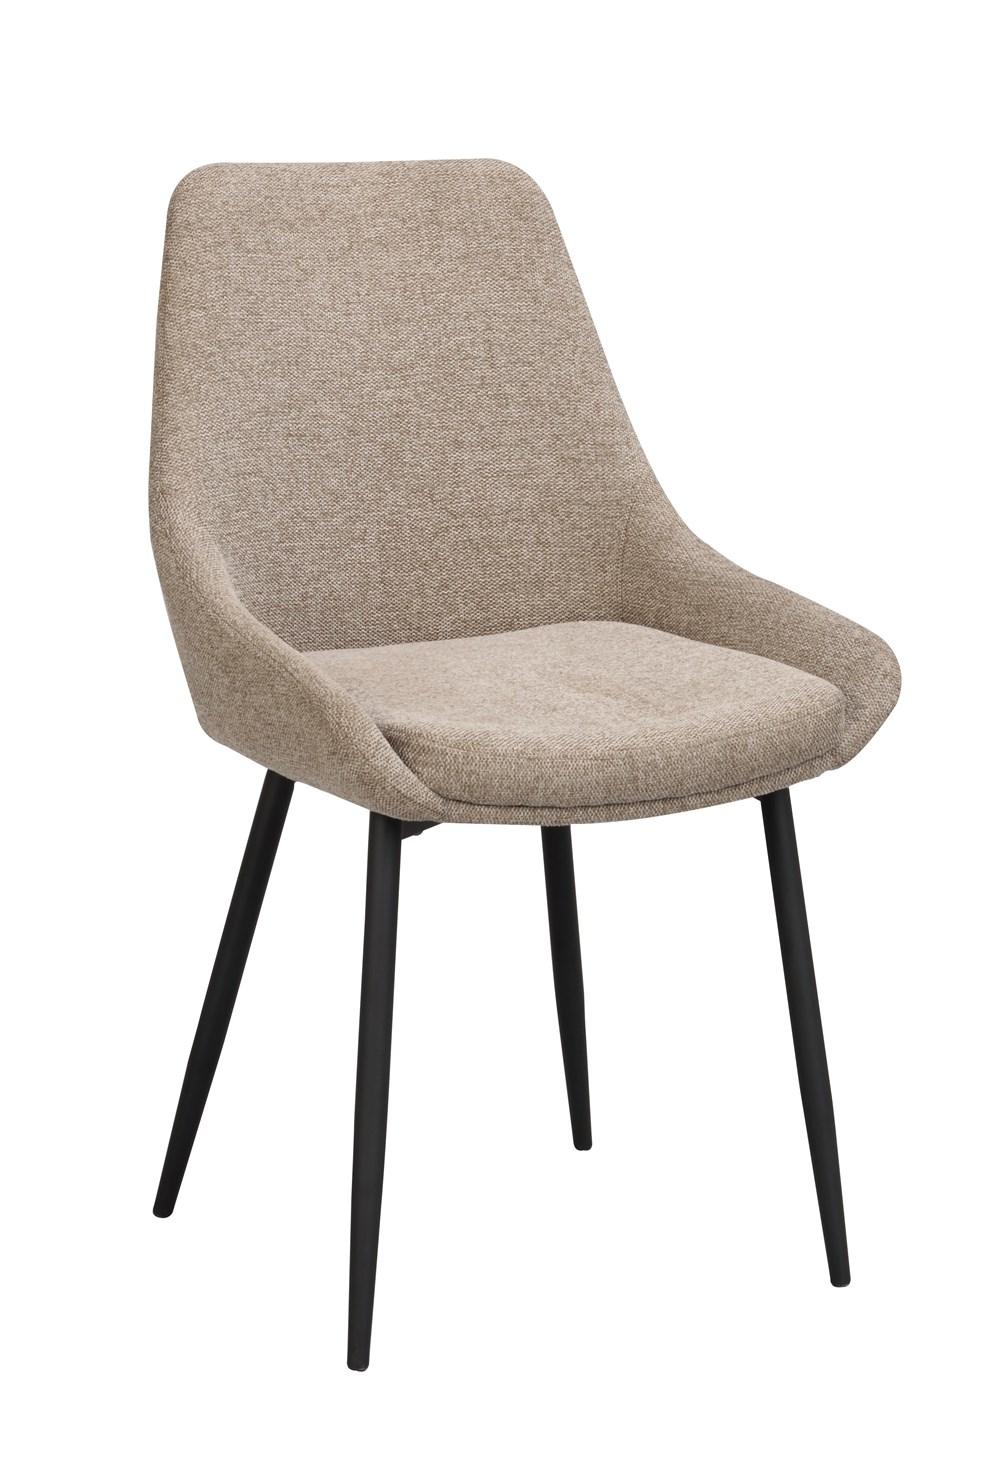 Sierra tuoli beige kangas / musta metalli, Rowico